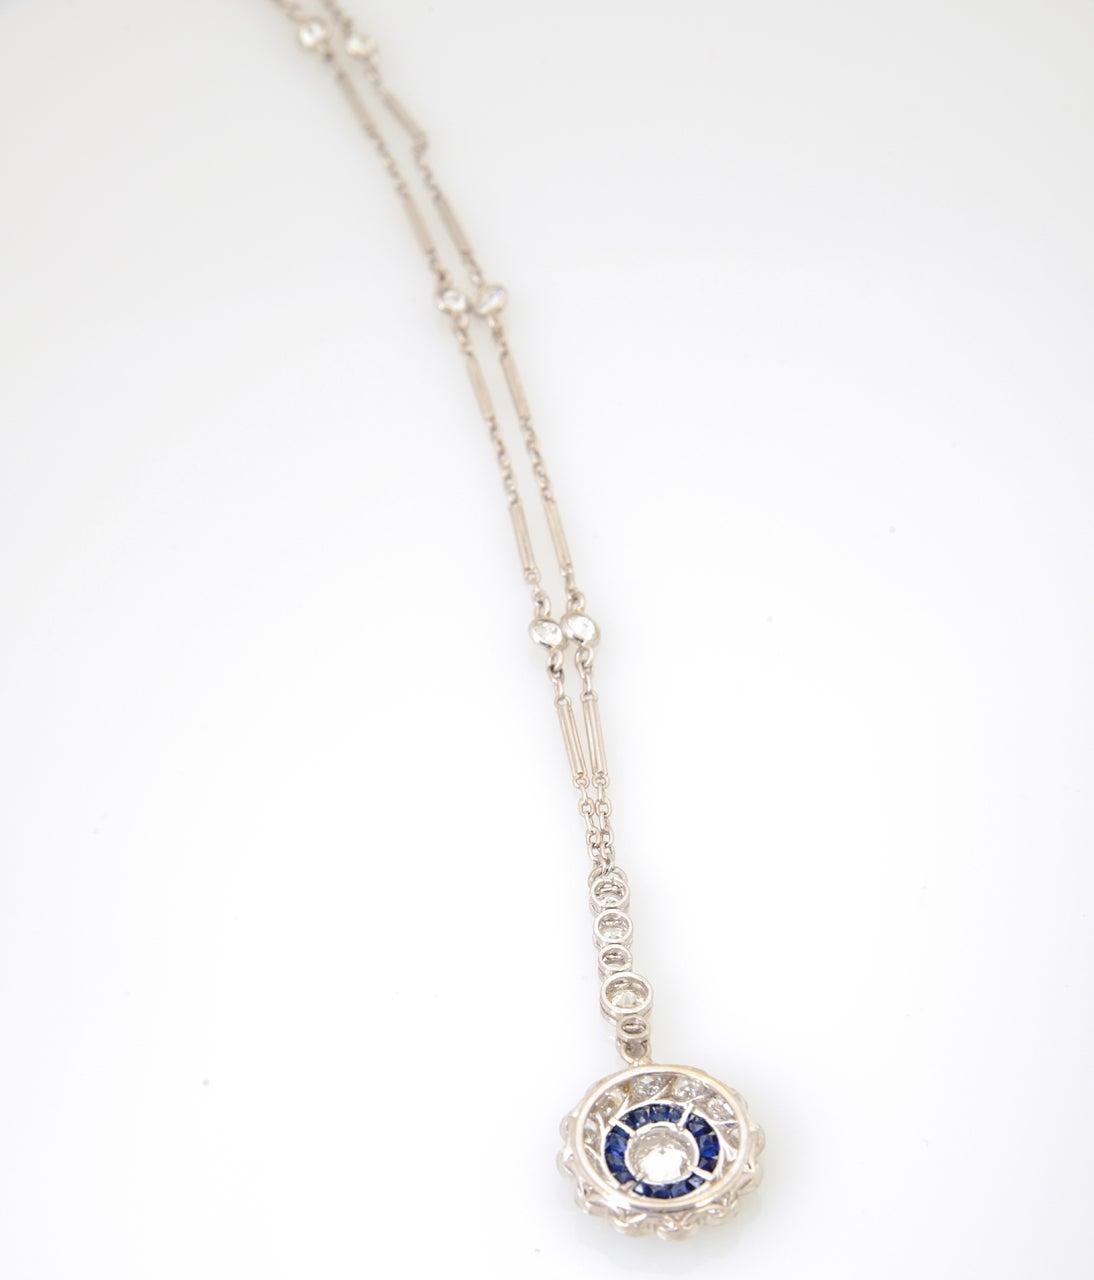 Art Deco Floral Sapphire and Diamond Platinum Drop Pendant Necklace For Sale 3